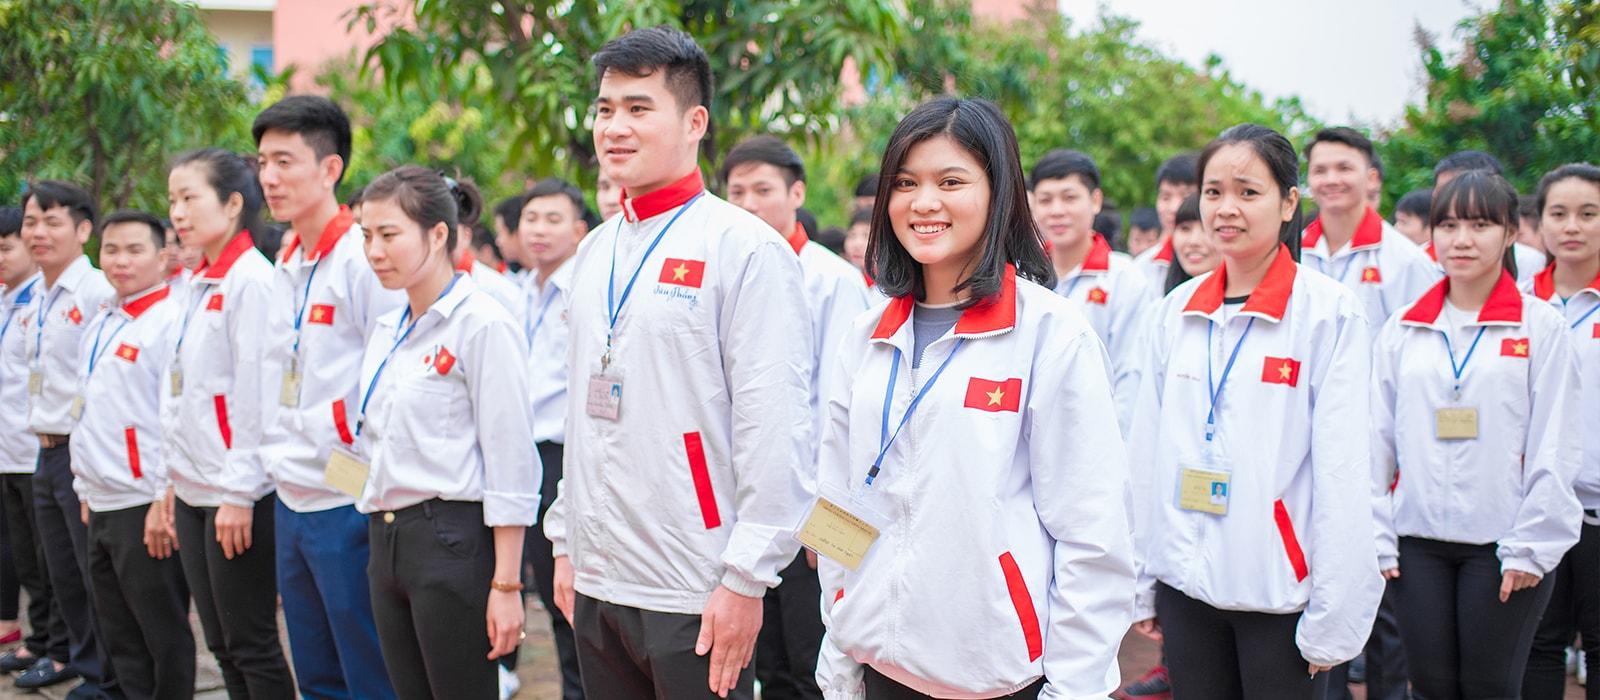 xuat-khau-lao-dong-nhat-ban-5